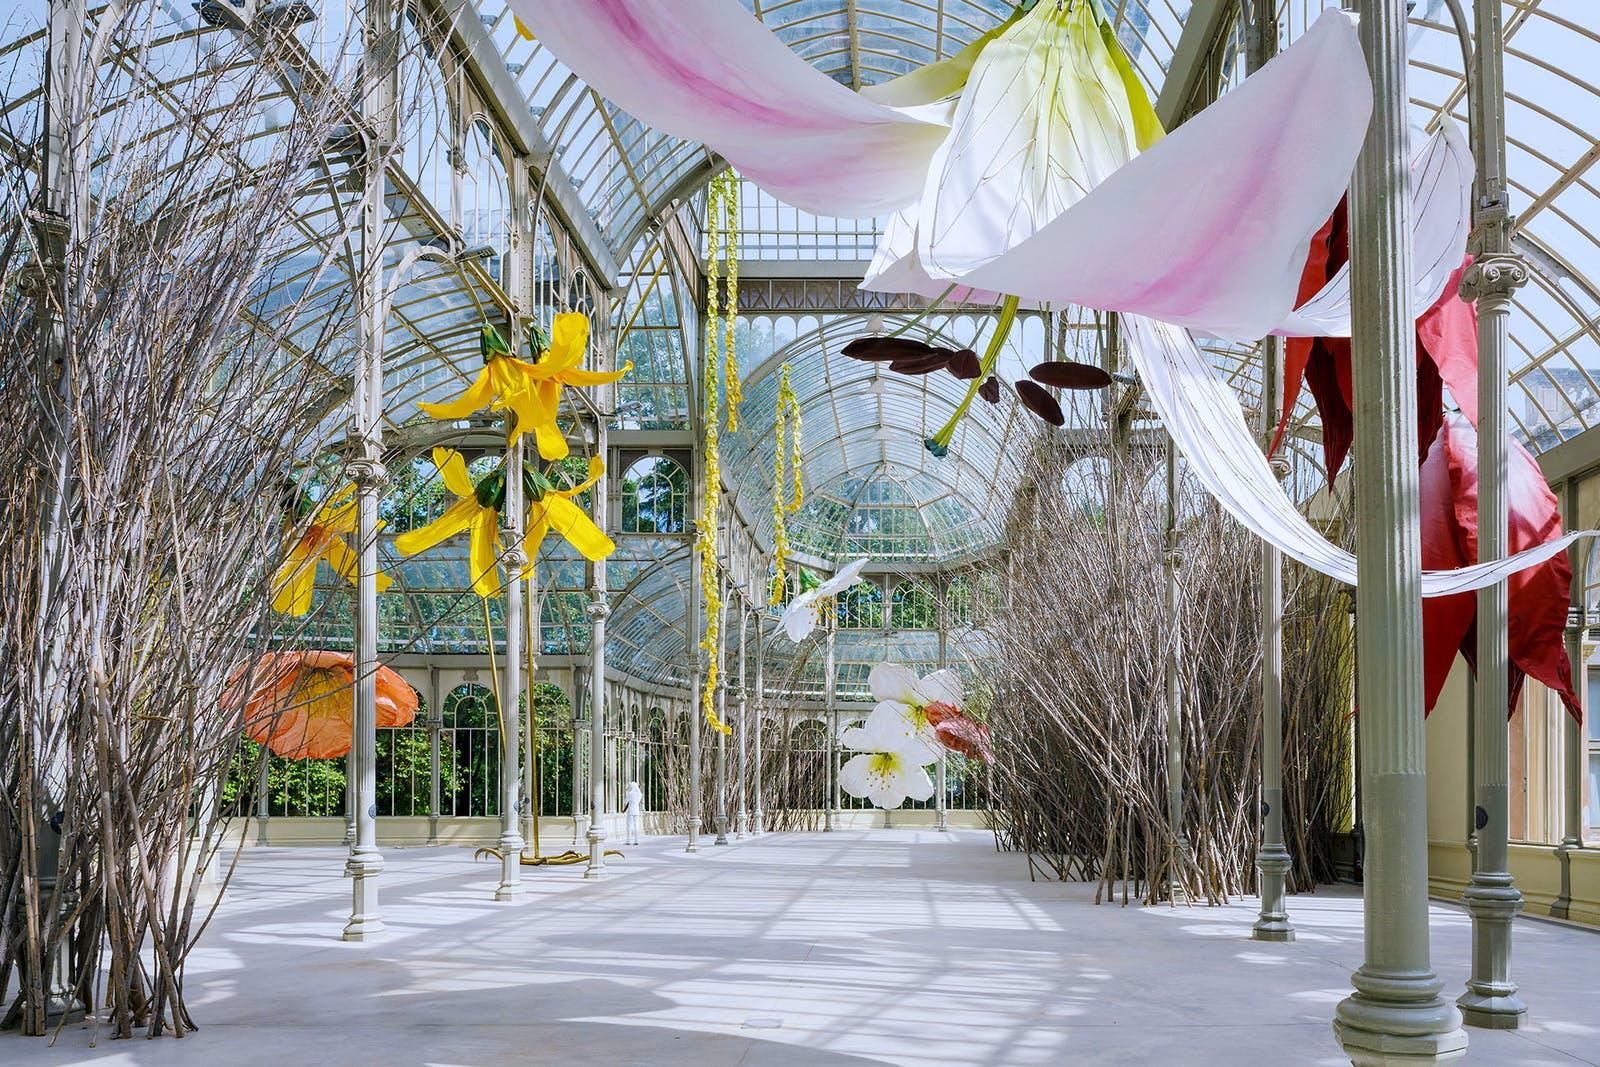 Exhibition view, Palacio de Cristal, Museo Reina Sofía, Madrid